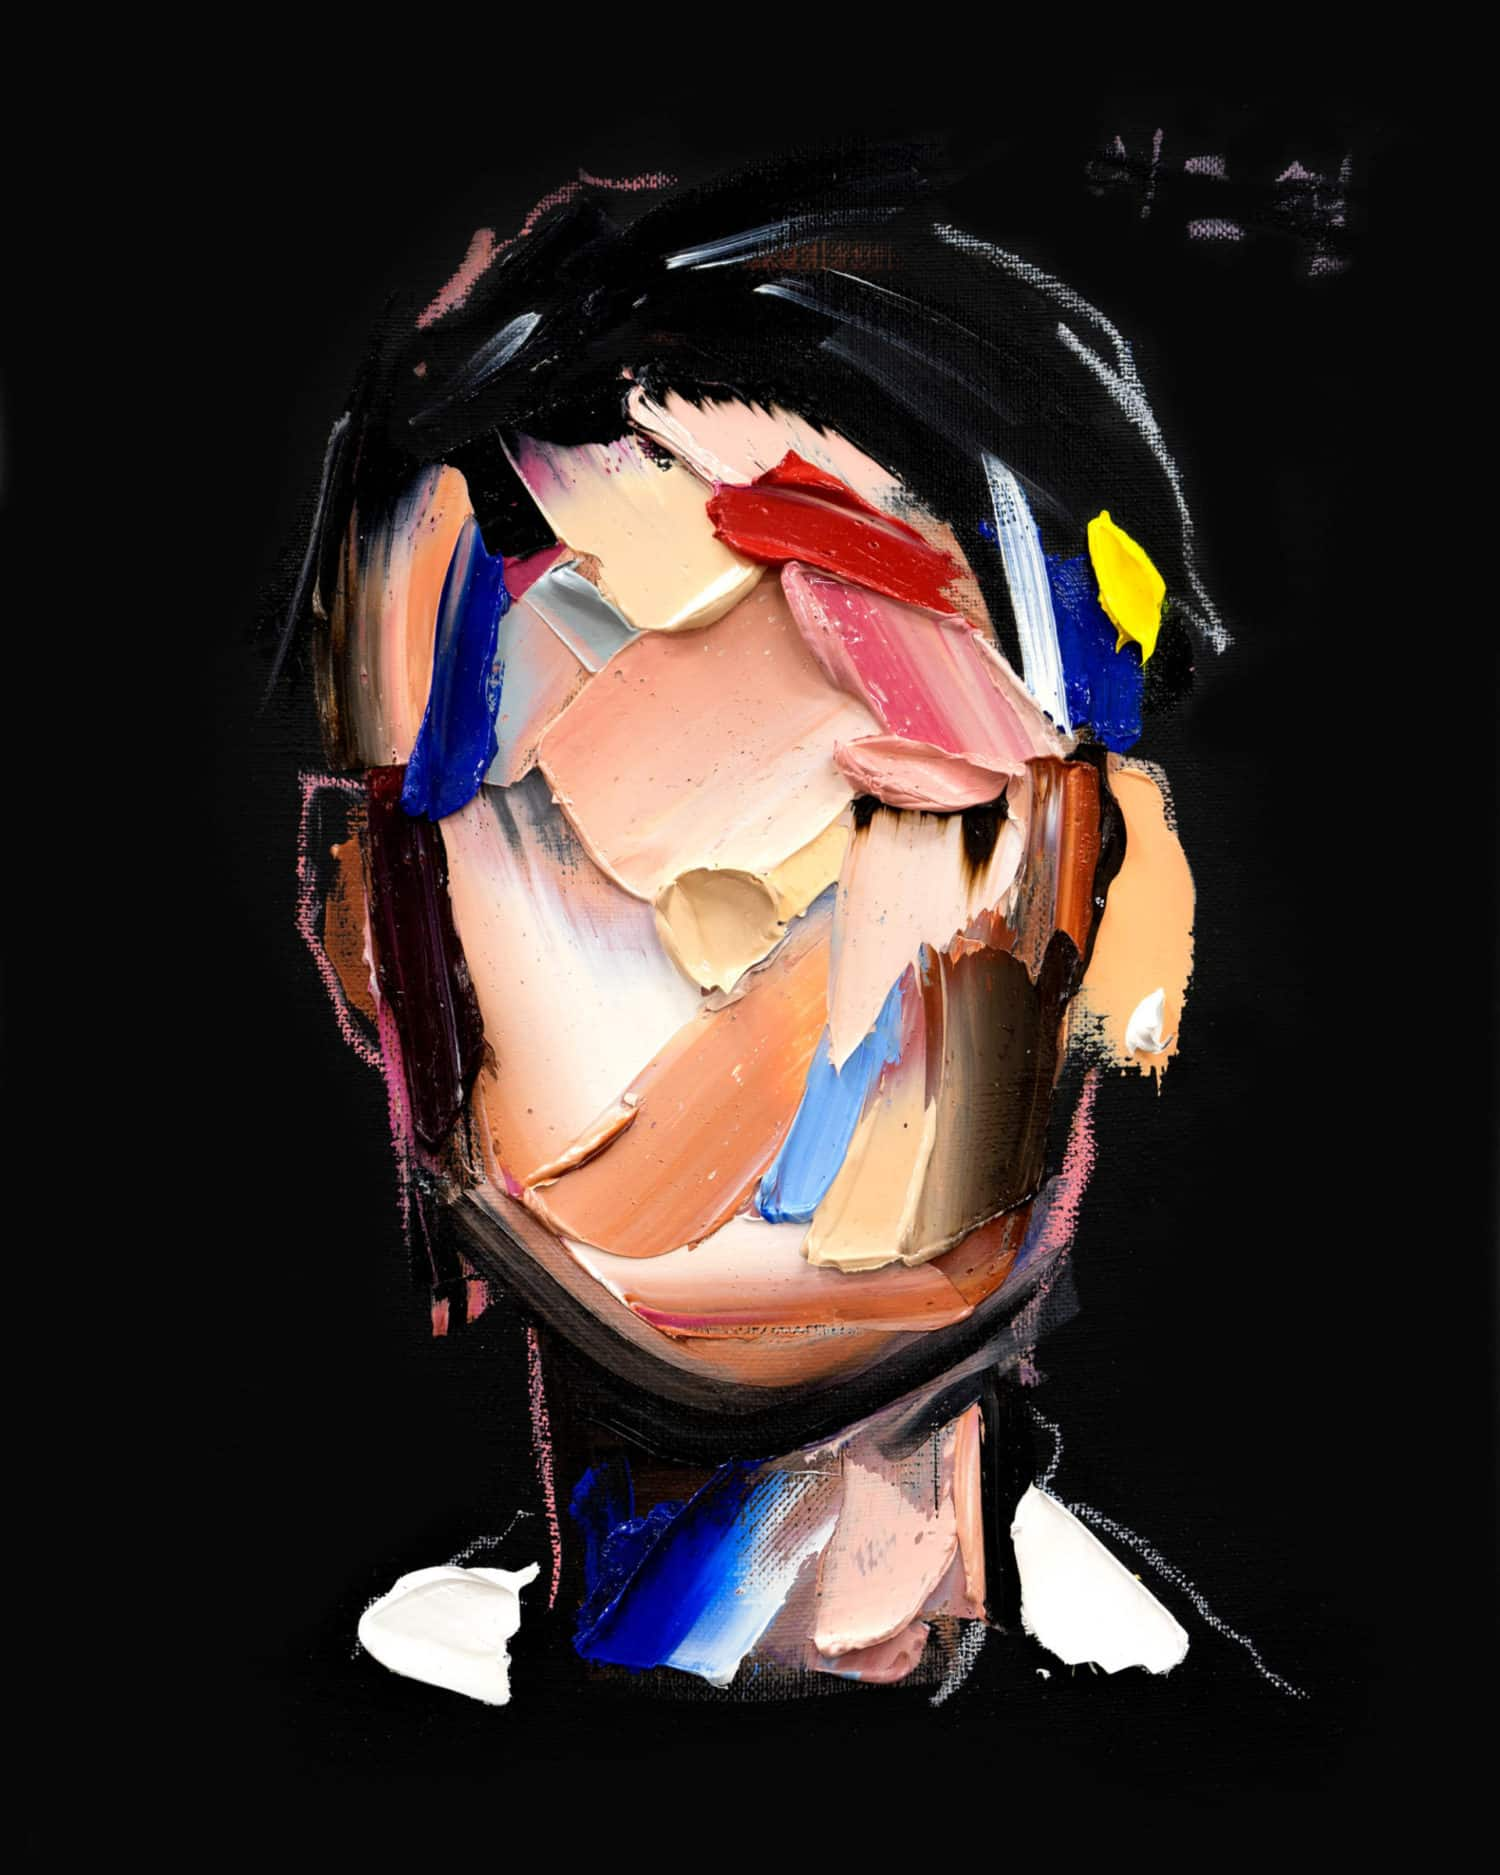 portret van kunstenaar Joseph Lee